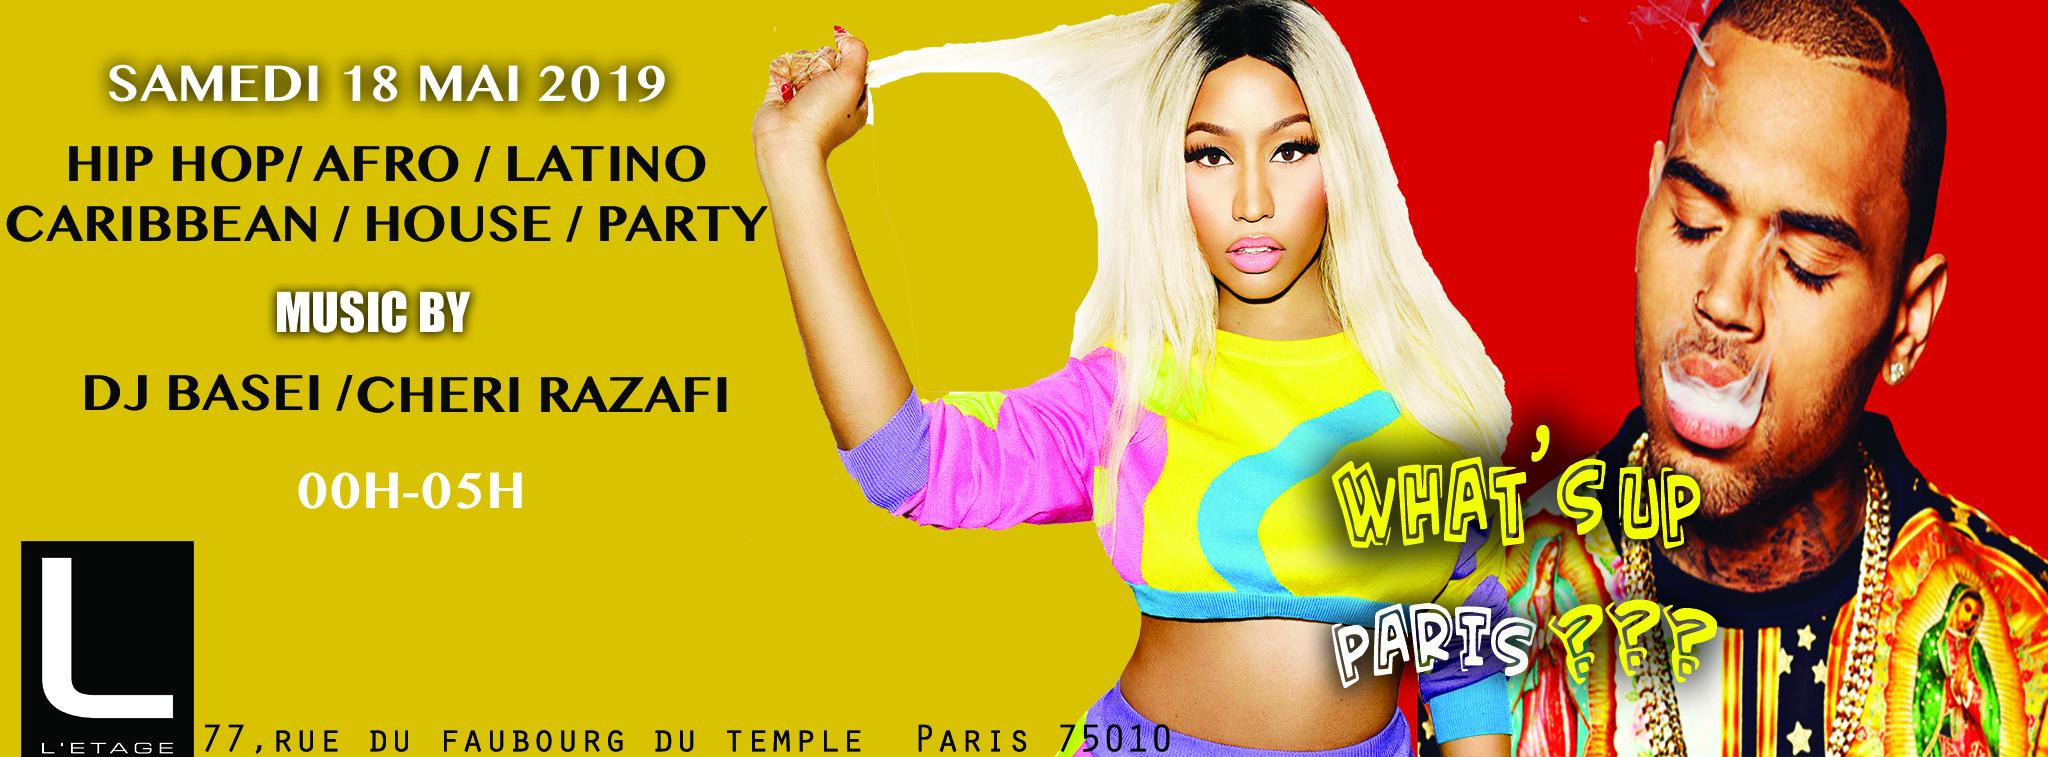 WHAT'S UP PARIS PARTY#7